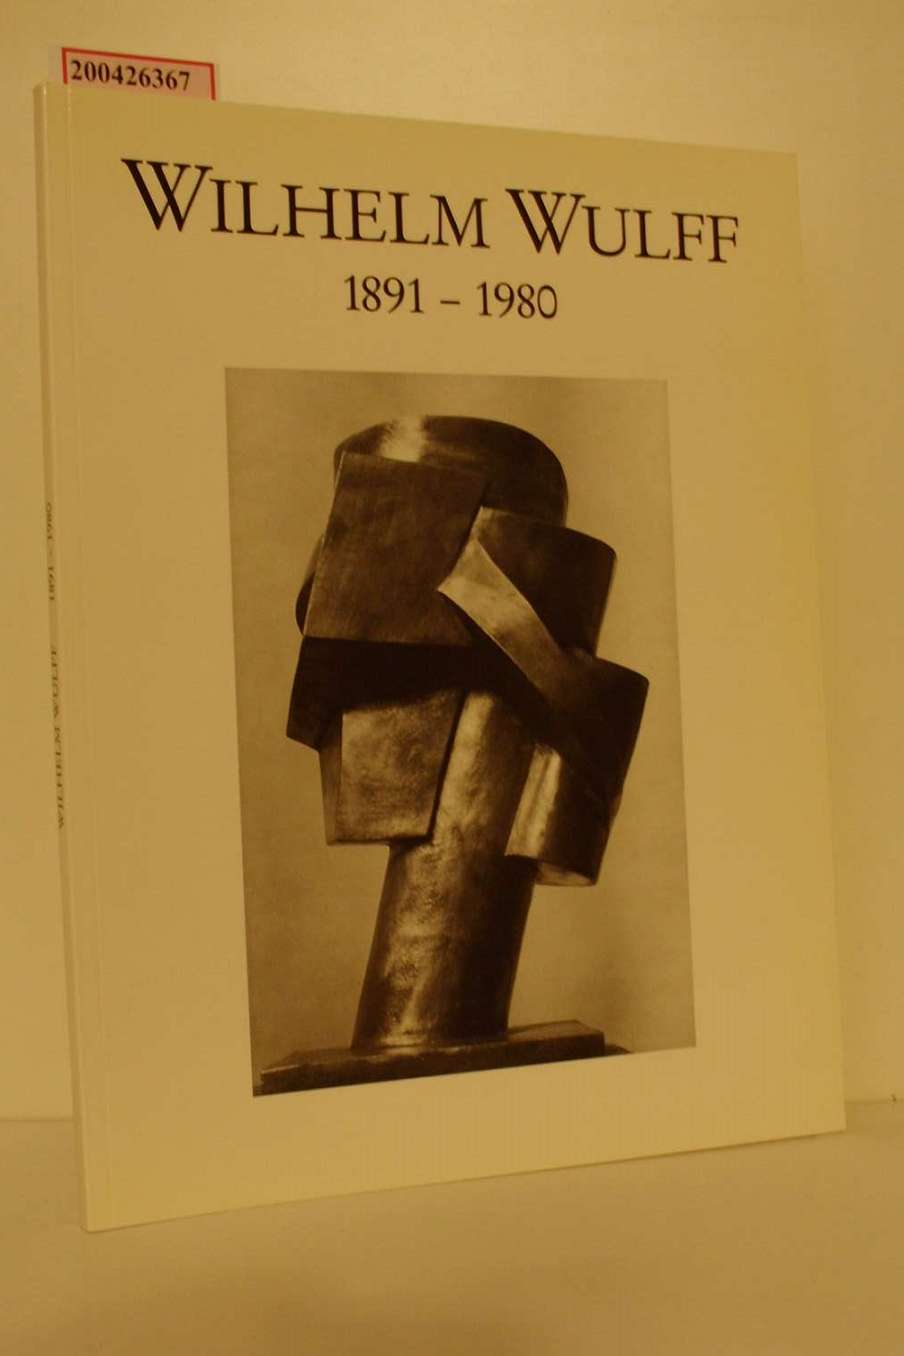 Wilhelm Wulff : 1891 - 1980 ; [Kunstpavillon der Stadt Soest, 15. November bis 28. Dezember 1991] / hrsg. im Auftr. der Stadt Soest von Florian Matzner